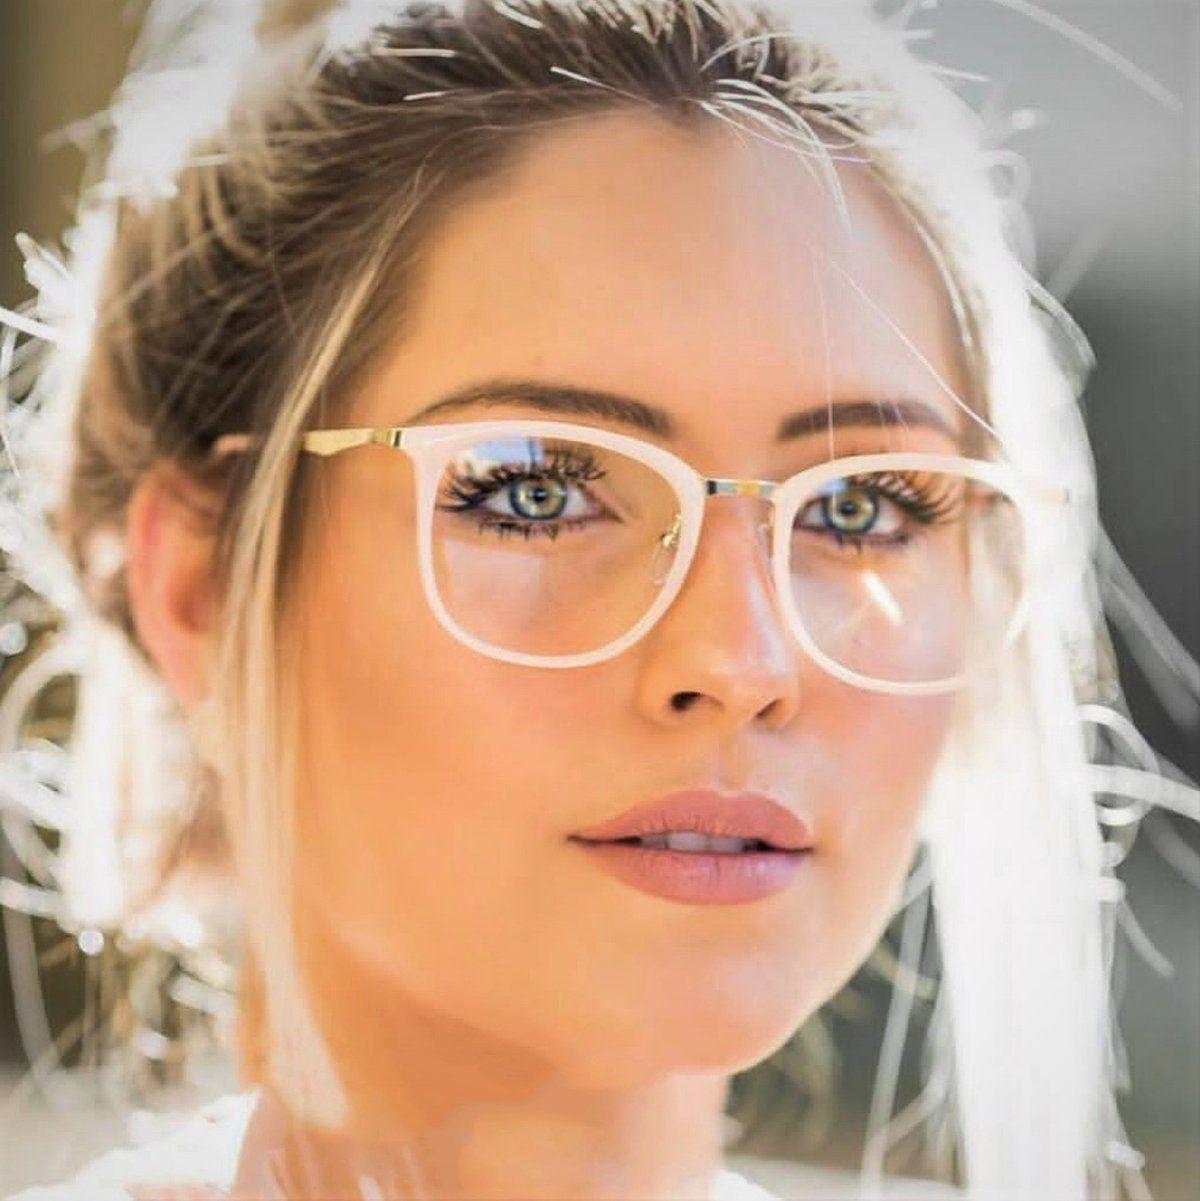 Photo of CCSPACE Ladies Square Brillenrahmen Frauen Metallbeine Markendesigner Optische Brillen Mode Brillen Computerbrillen 45466